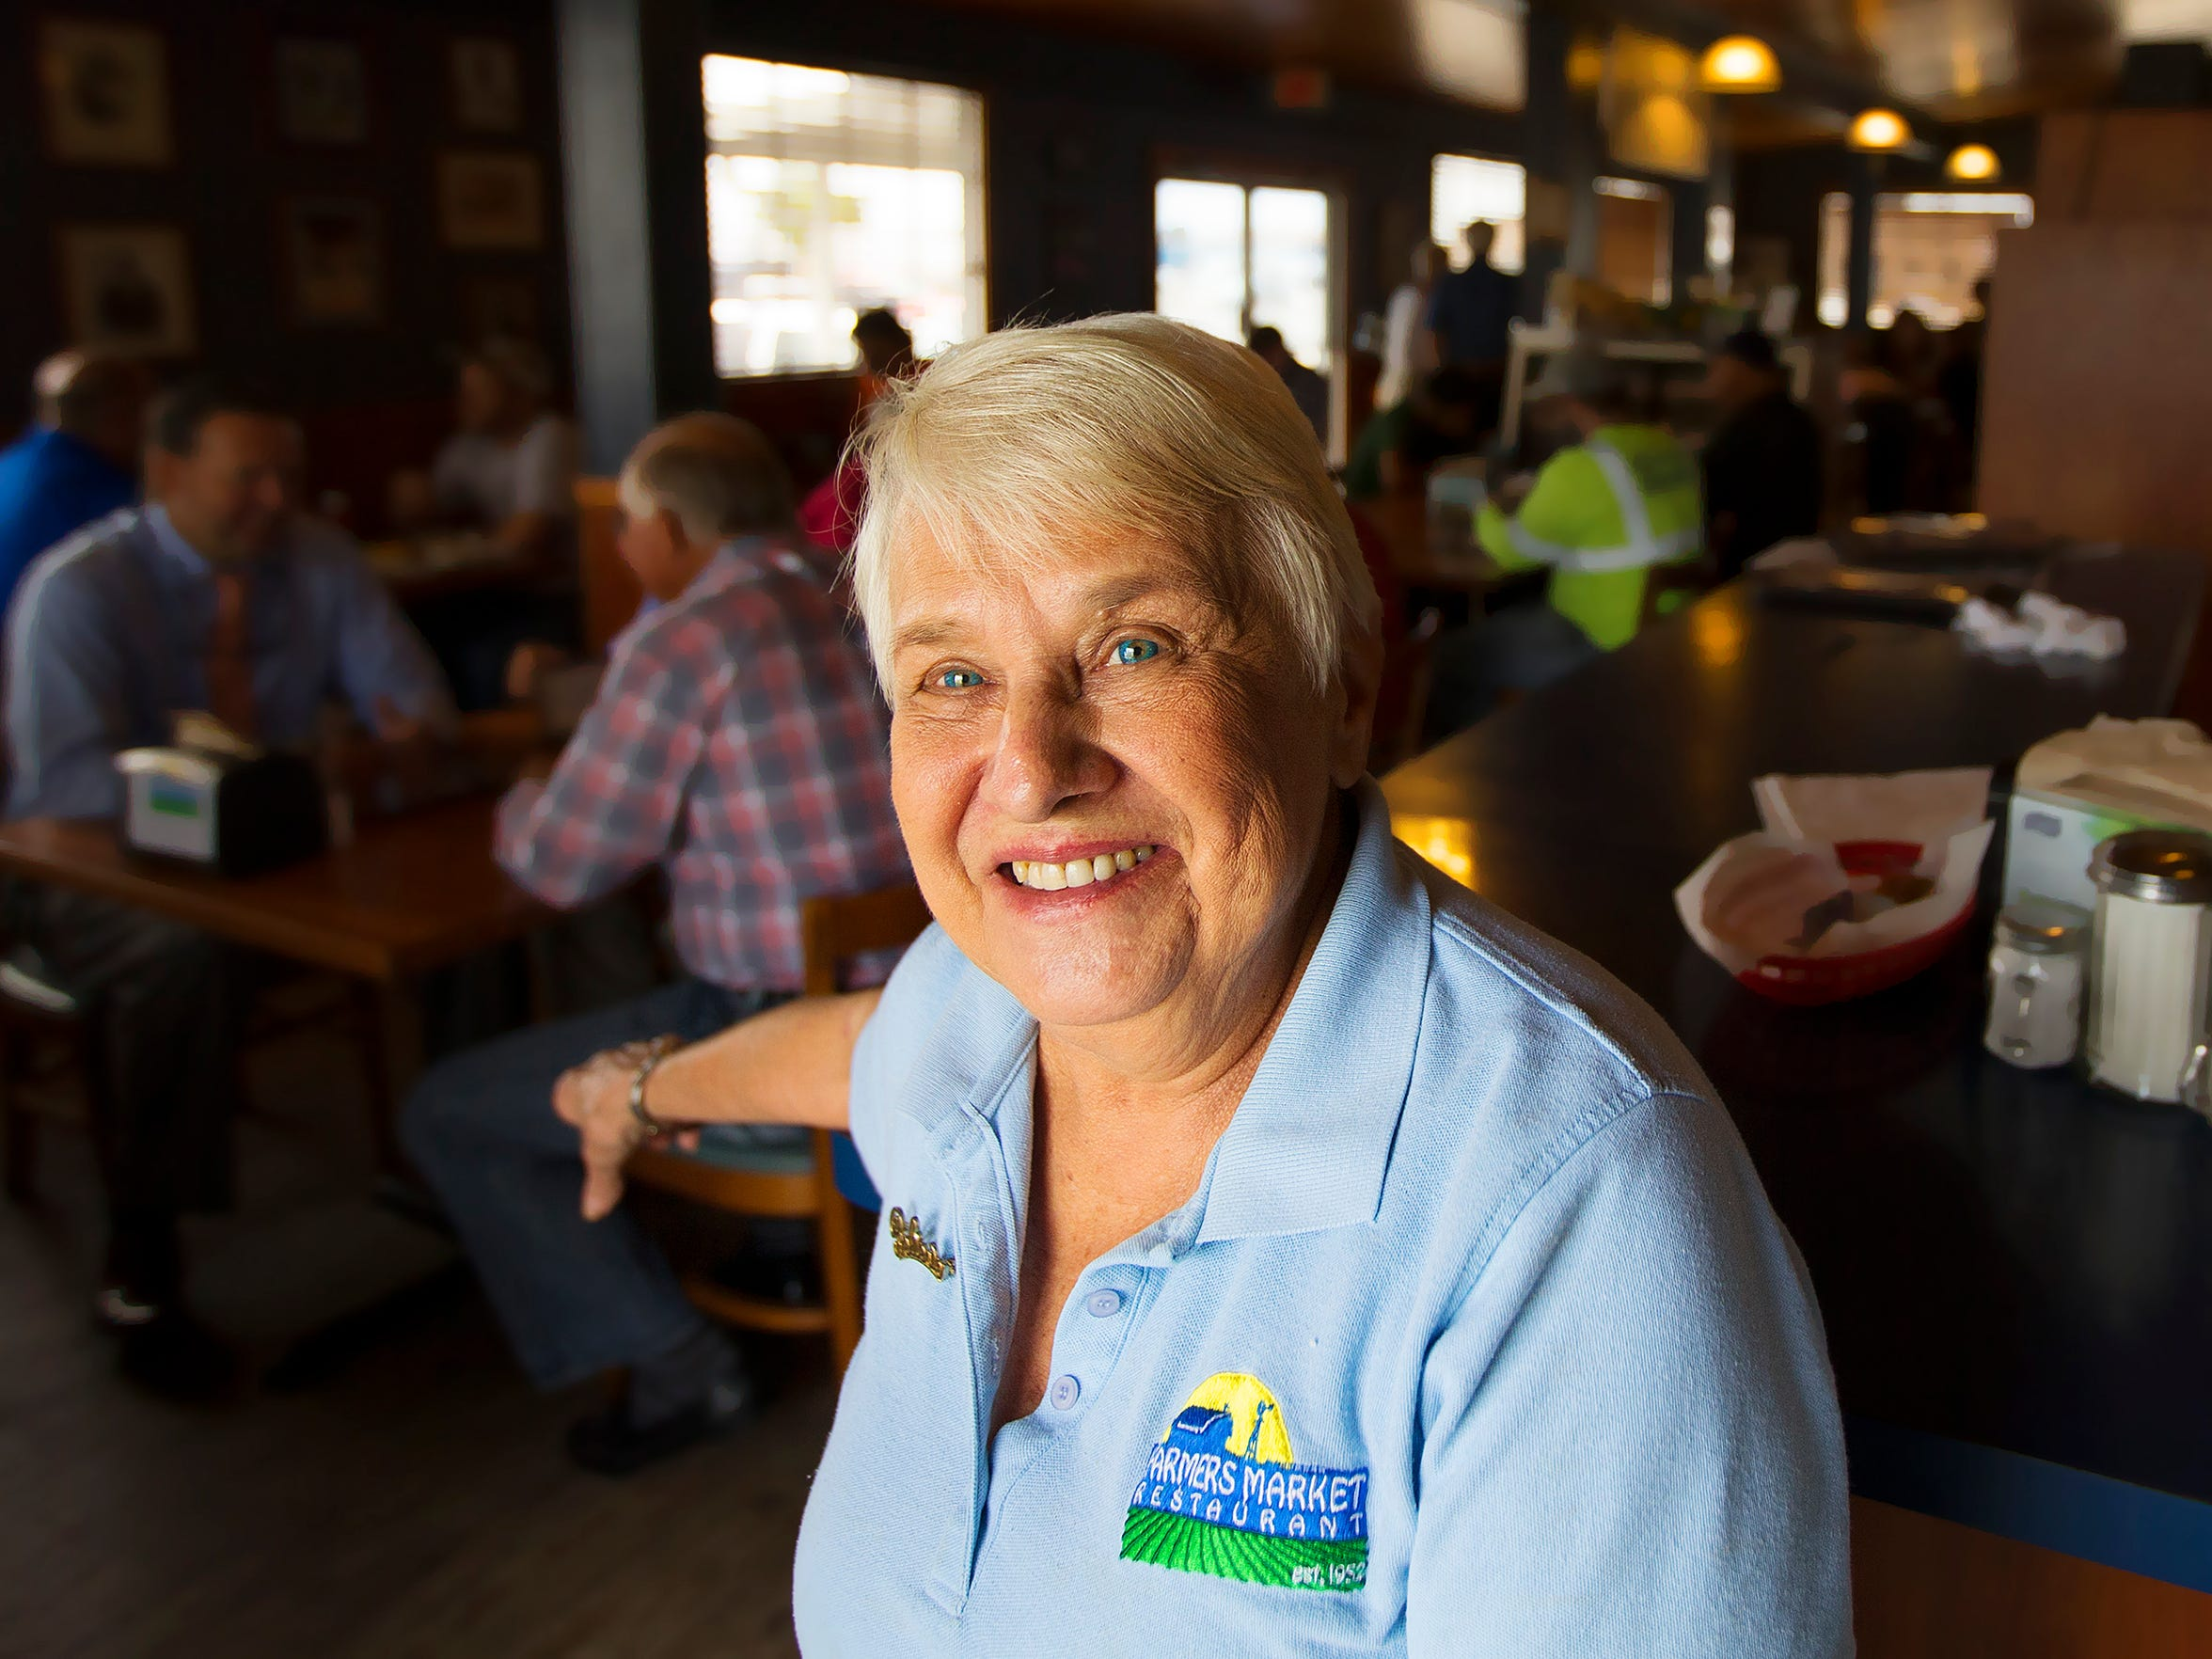 Antoinette Wicburg of the Farmer's Market Restaurant